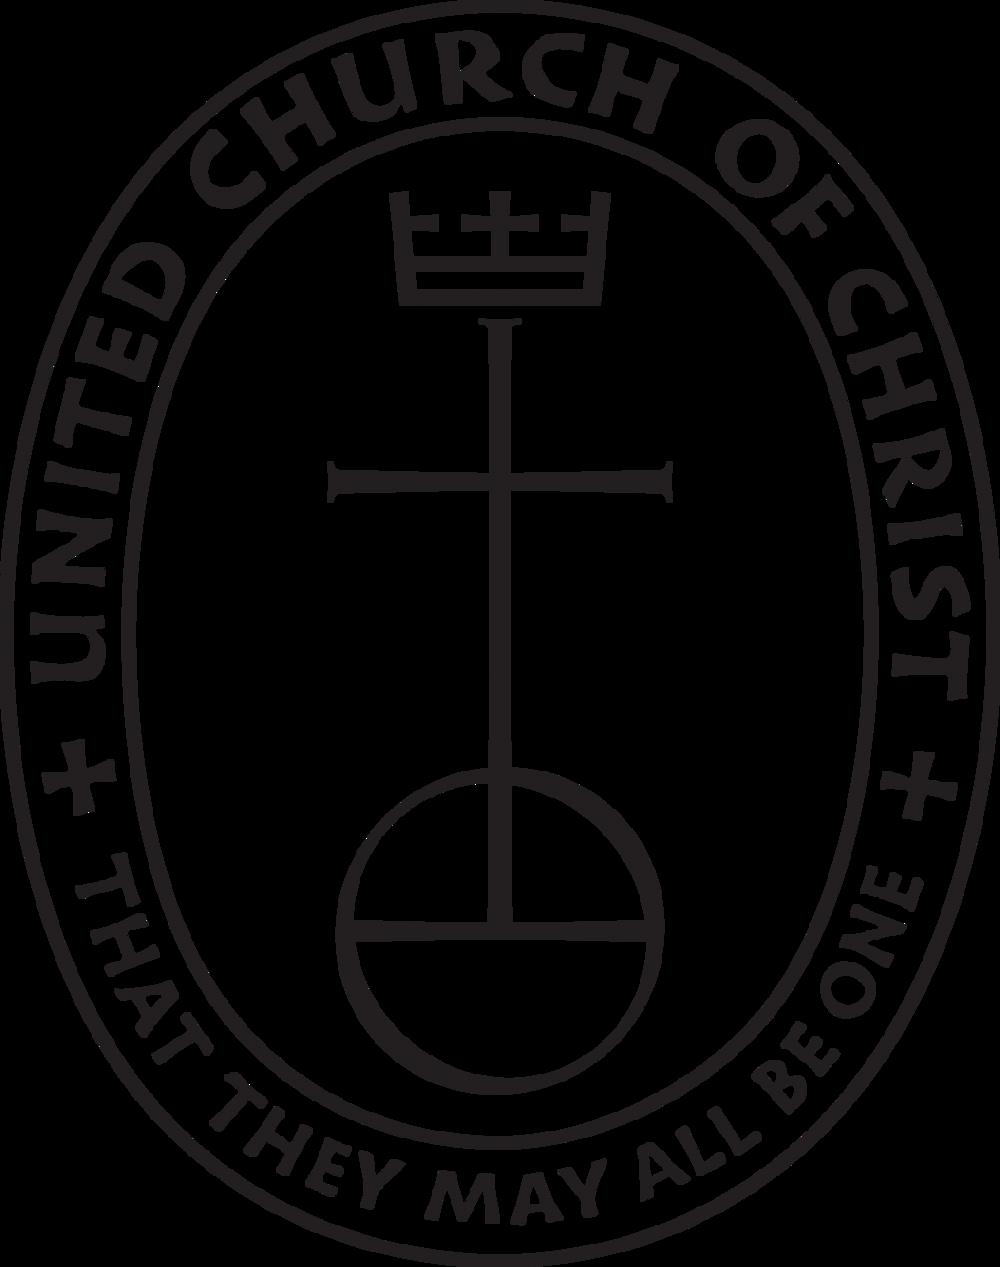 ucclogo (1).png